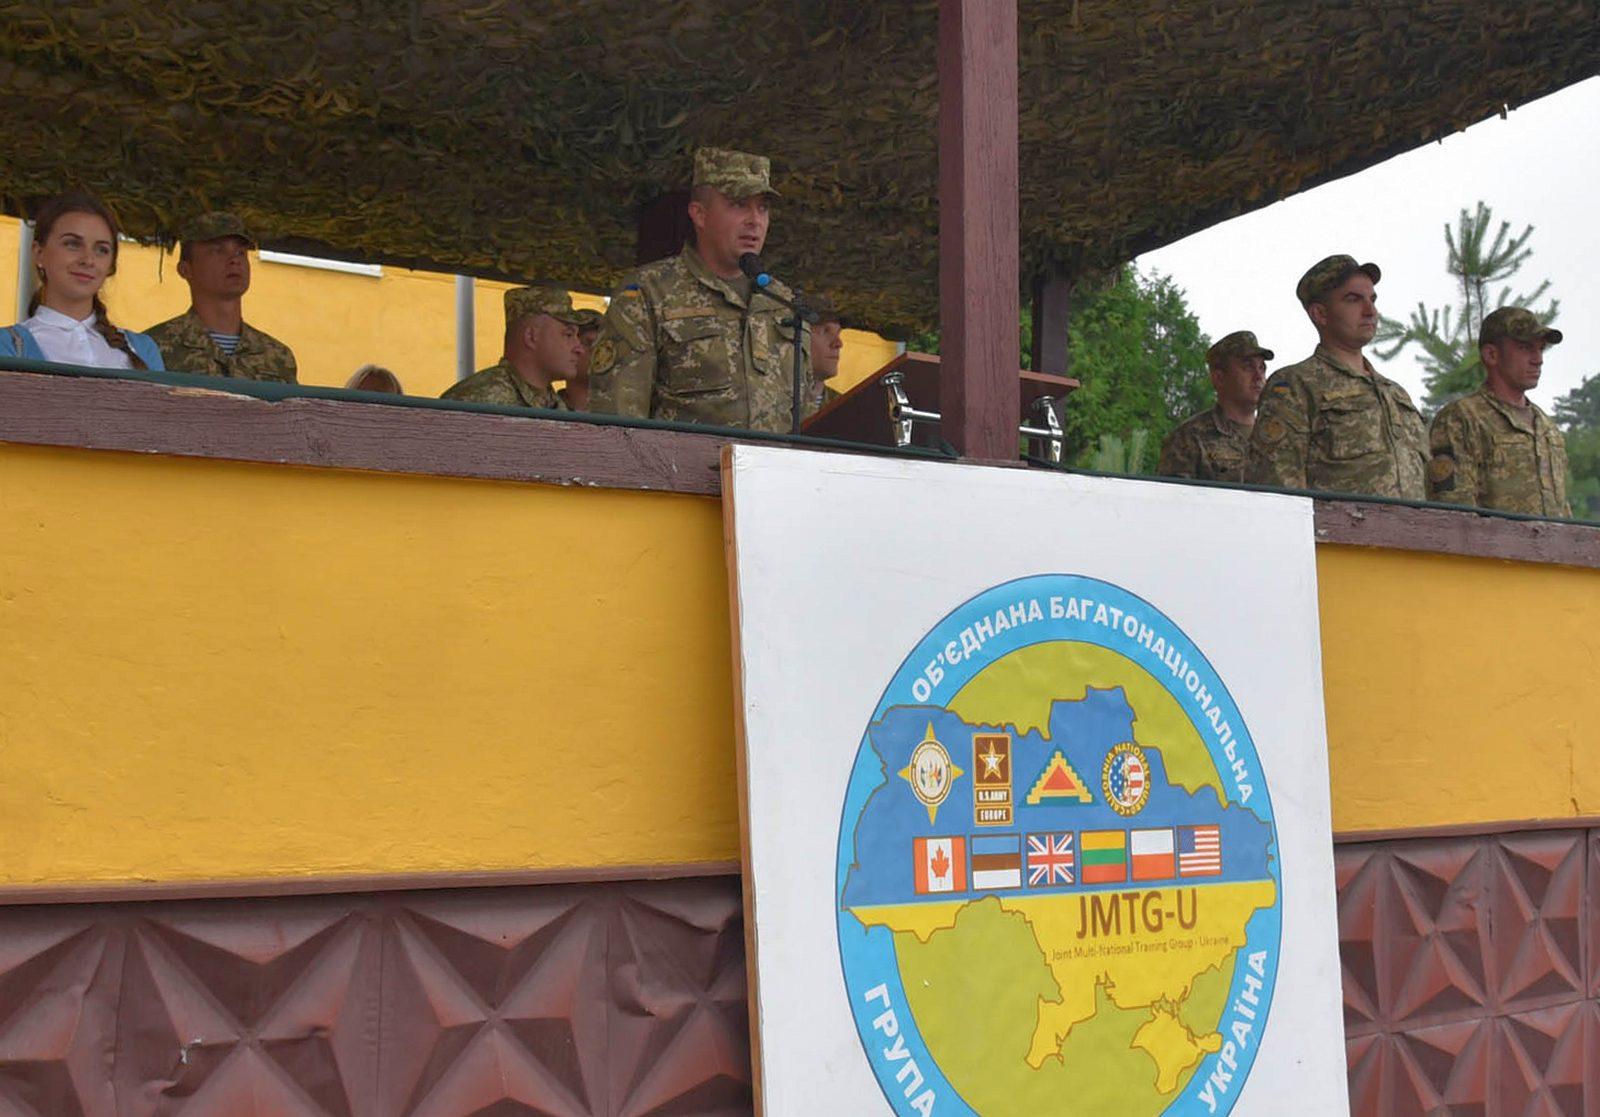 Підрозділ десантників пройшов підготовку за програмою JMTG-U